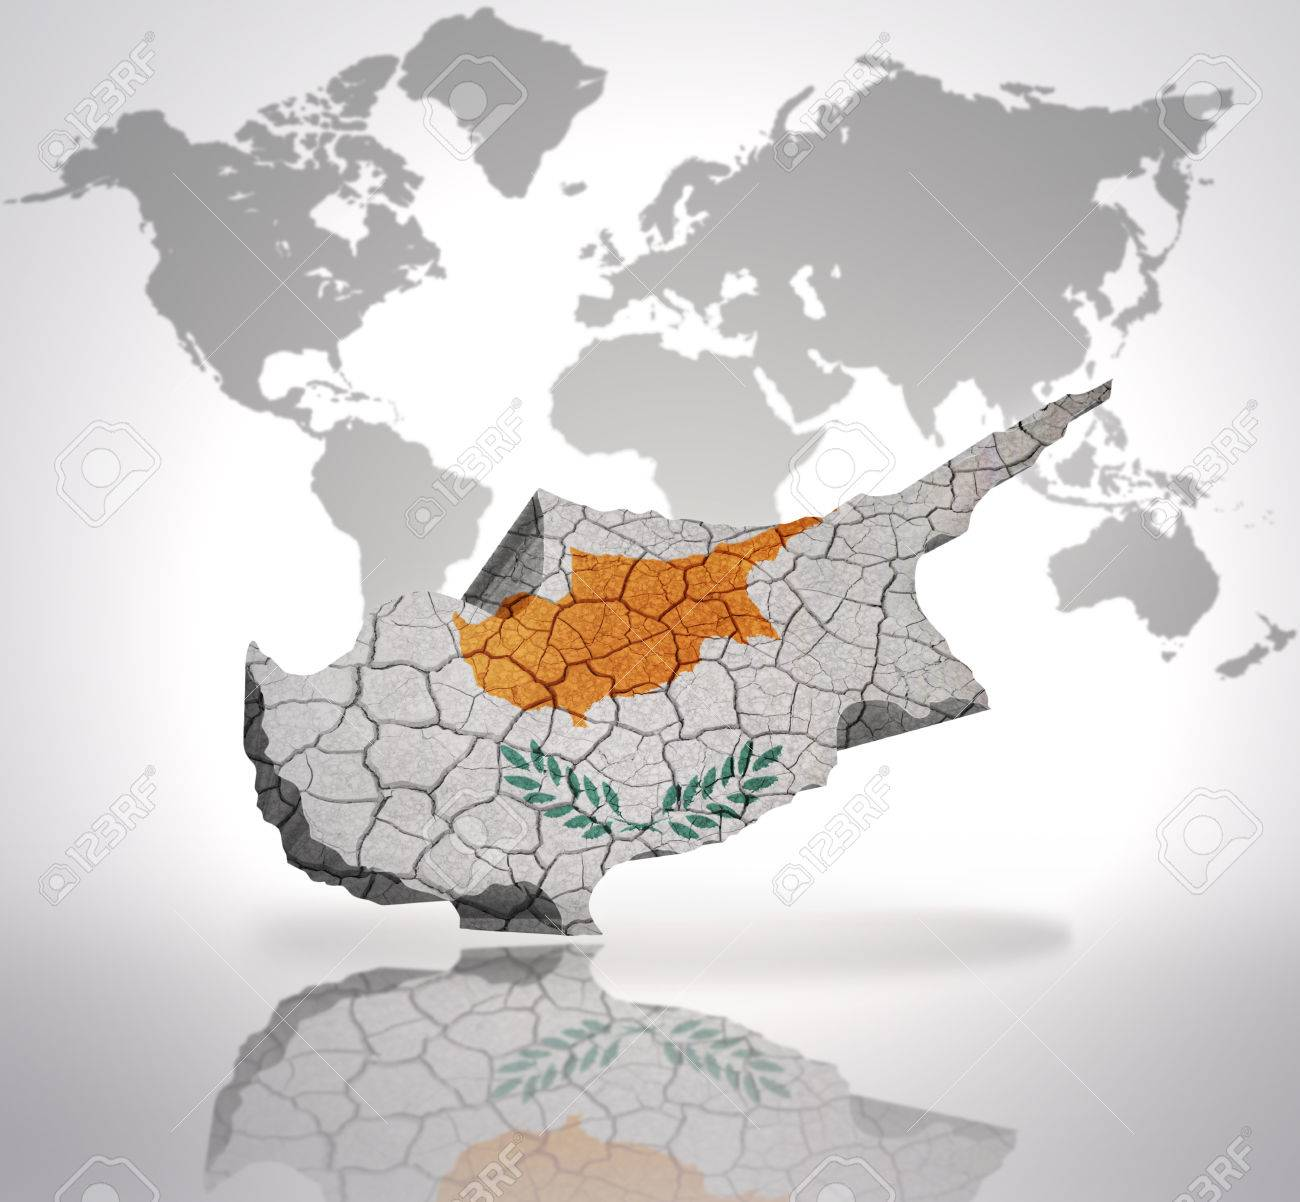 Carte De Chypre Avec Le Drapeau Chypriote Sur Une Carte Du Monde Arriere Plan Banque D Images Et Photos Libres De Droits Image 32714940